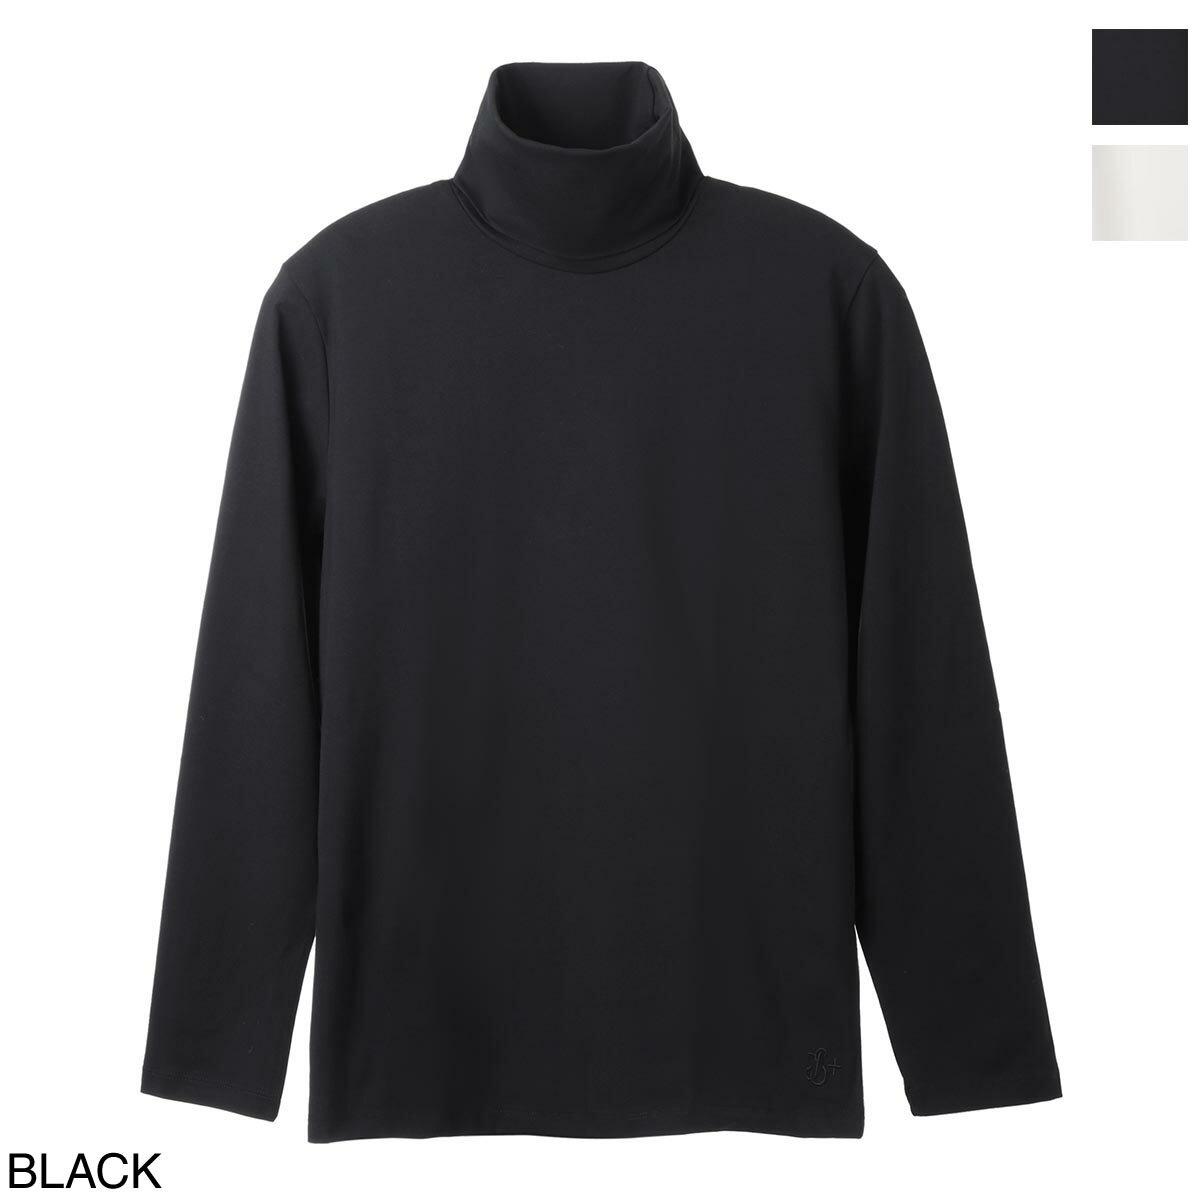 トップス, Tシャツ・カットソー  JIL SANDER T jput706517 mt257308 0012021AW